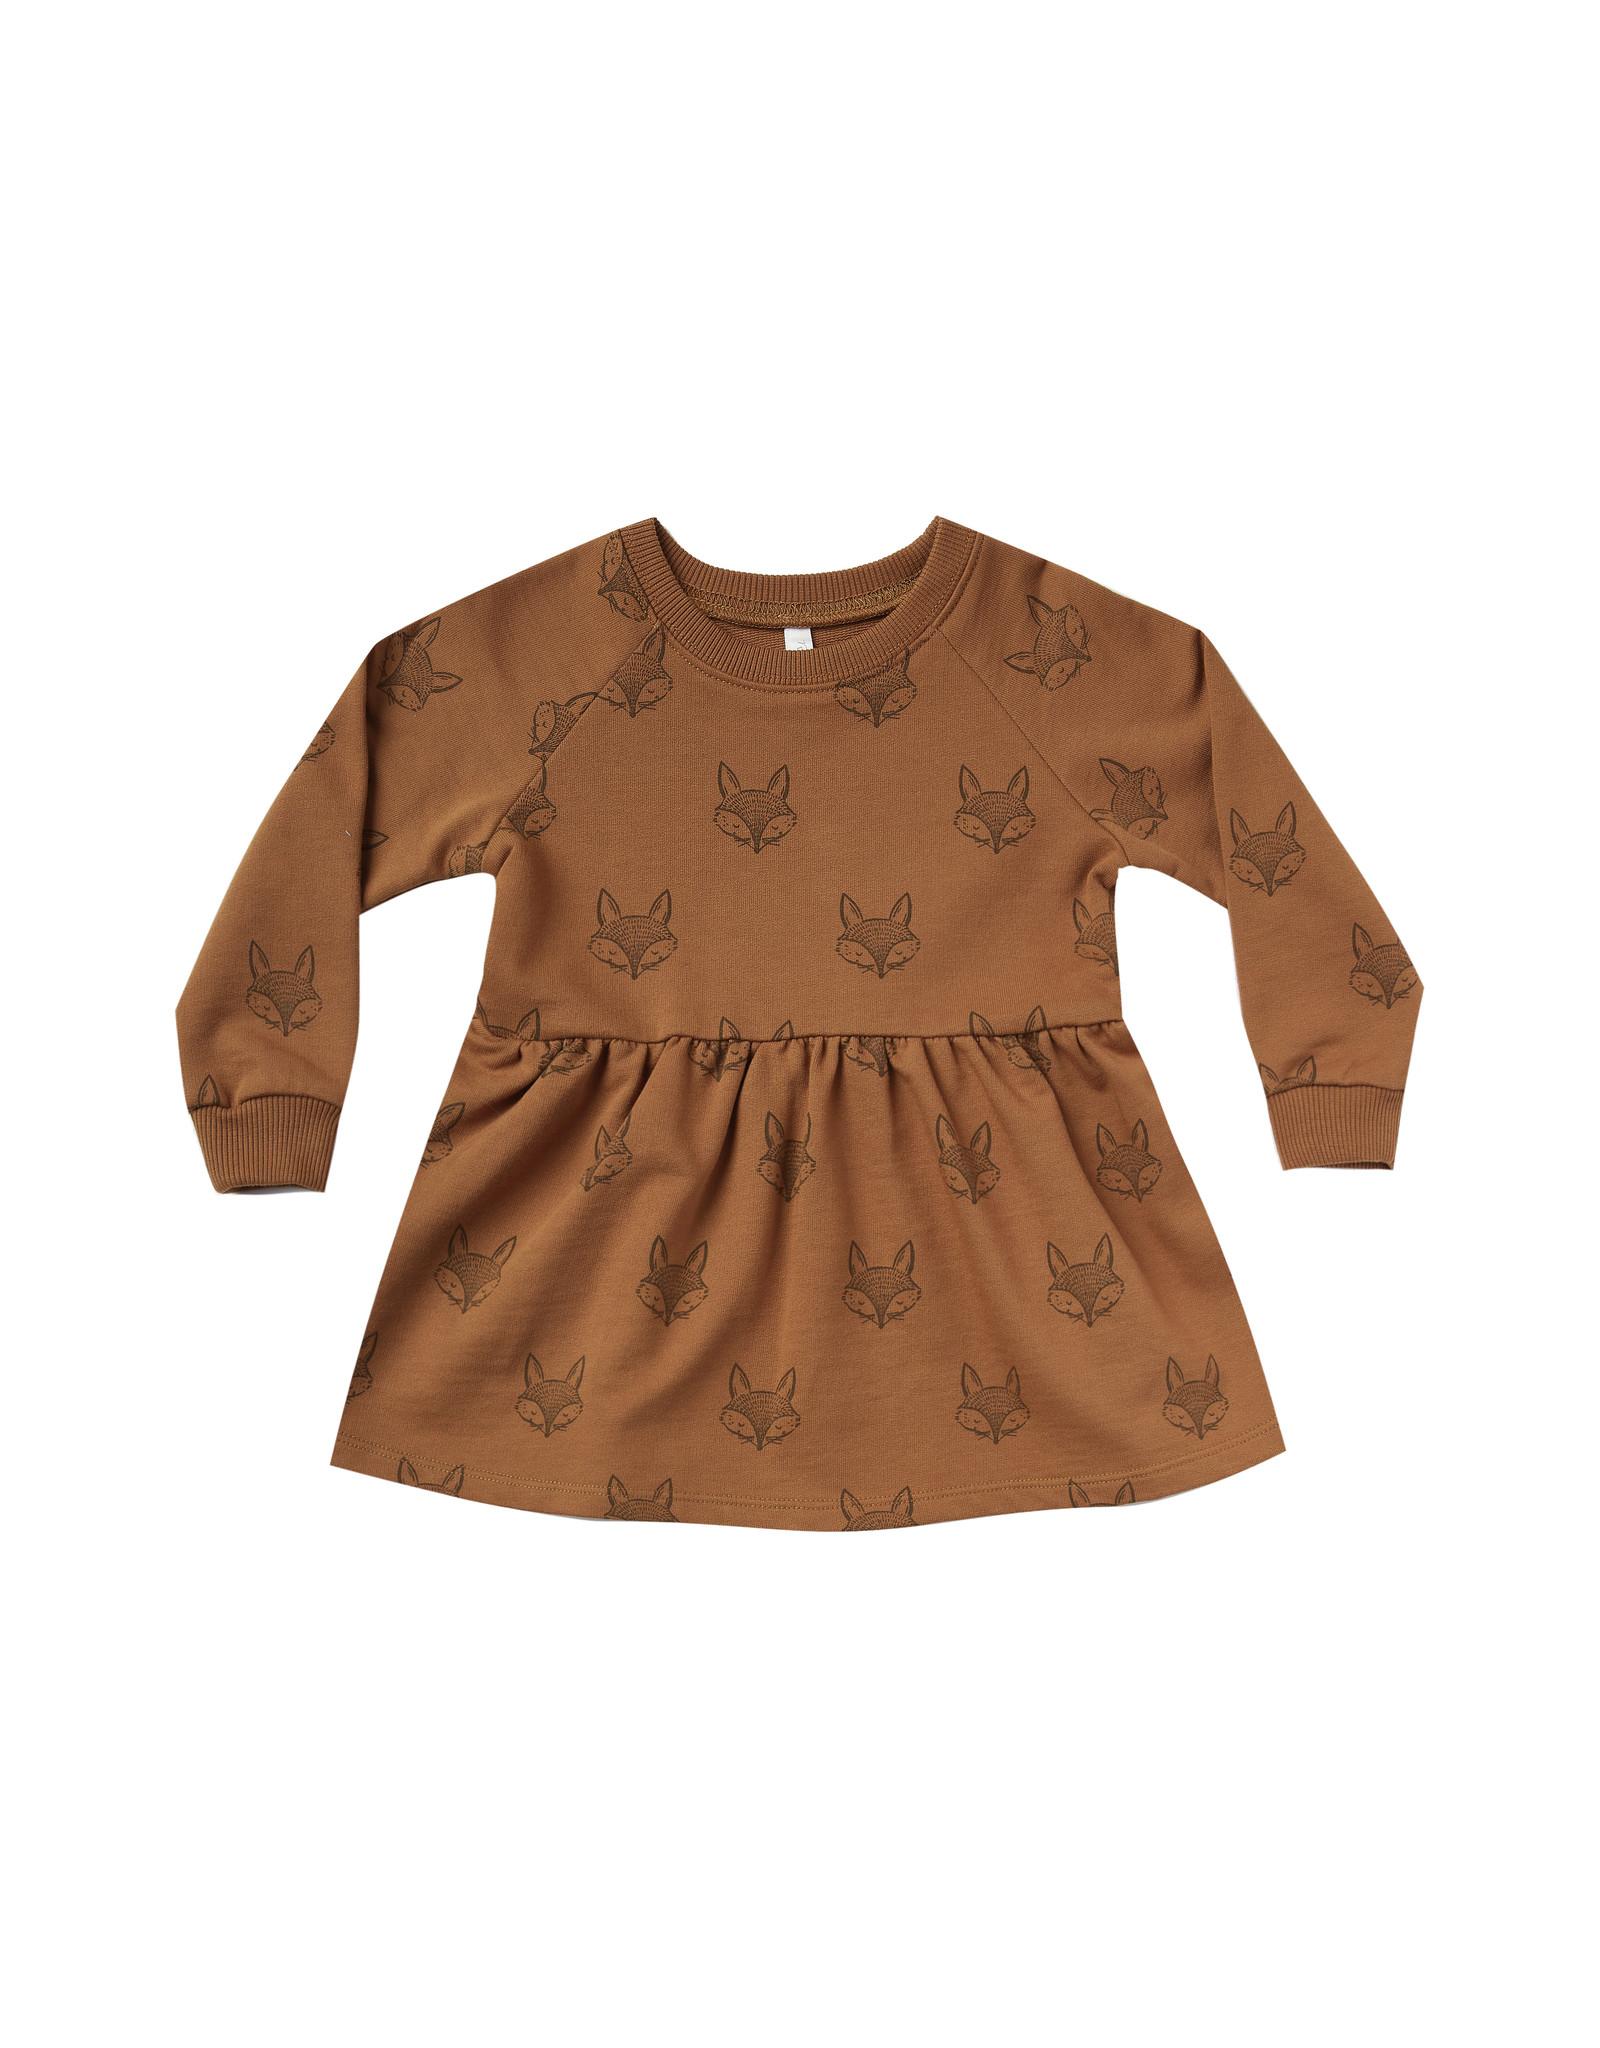 Rylee + Cru Fox Raglan Dress - Cinnamon